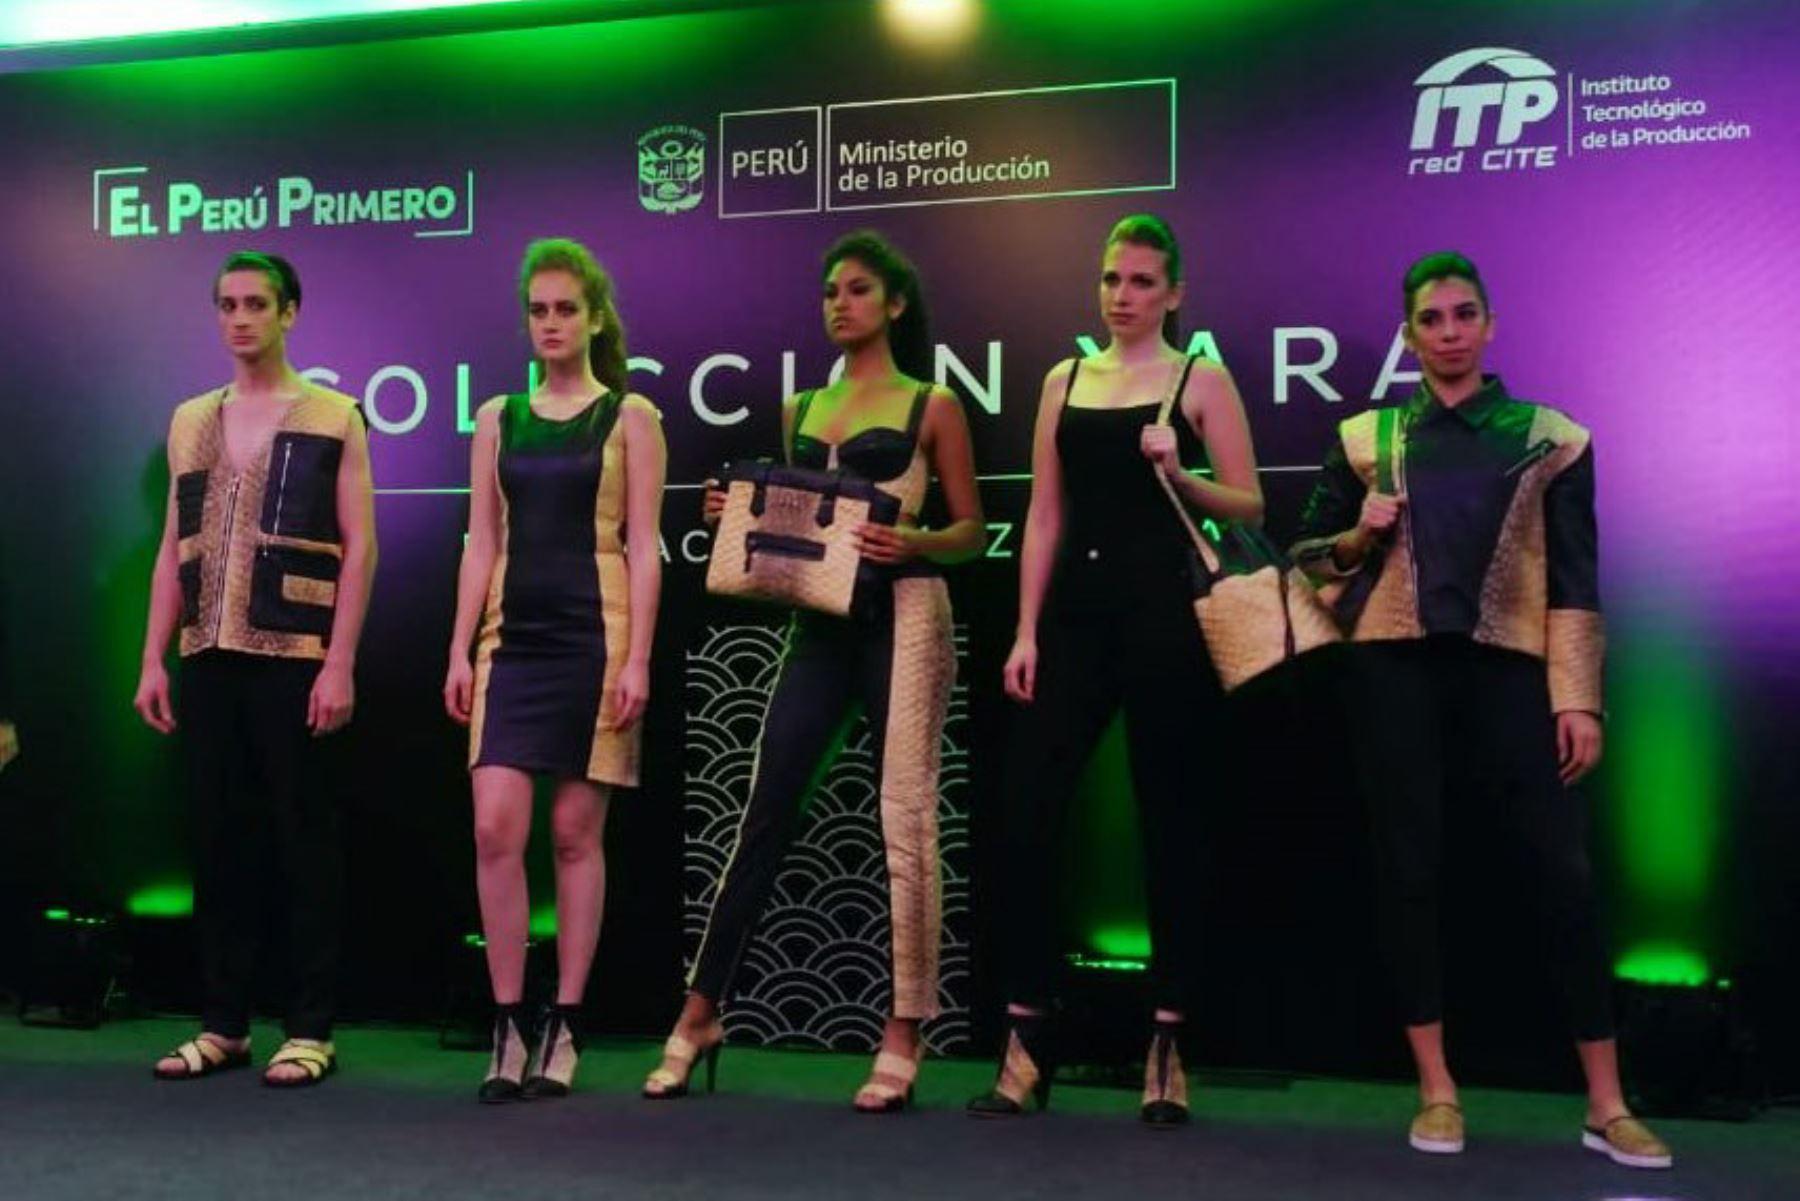 """El paiche se pone de moda y emprendedores innovan con ropa y calzado que forman parte de colección """"Yara"""" que presentó el Instituto Tecnológico de la Producción. ANDINA/Difusión"""